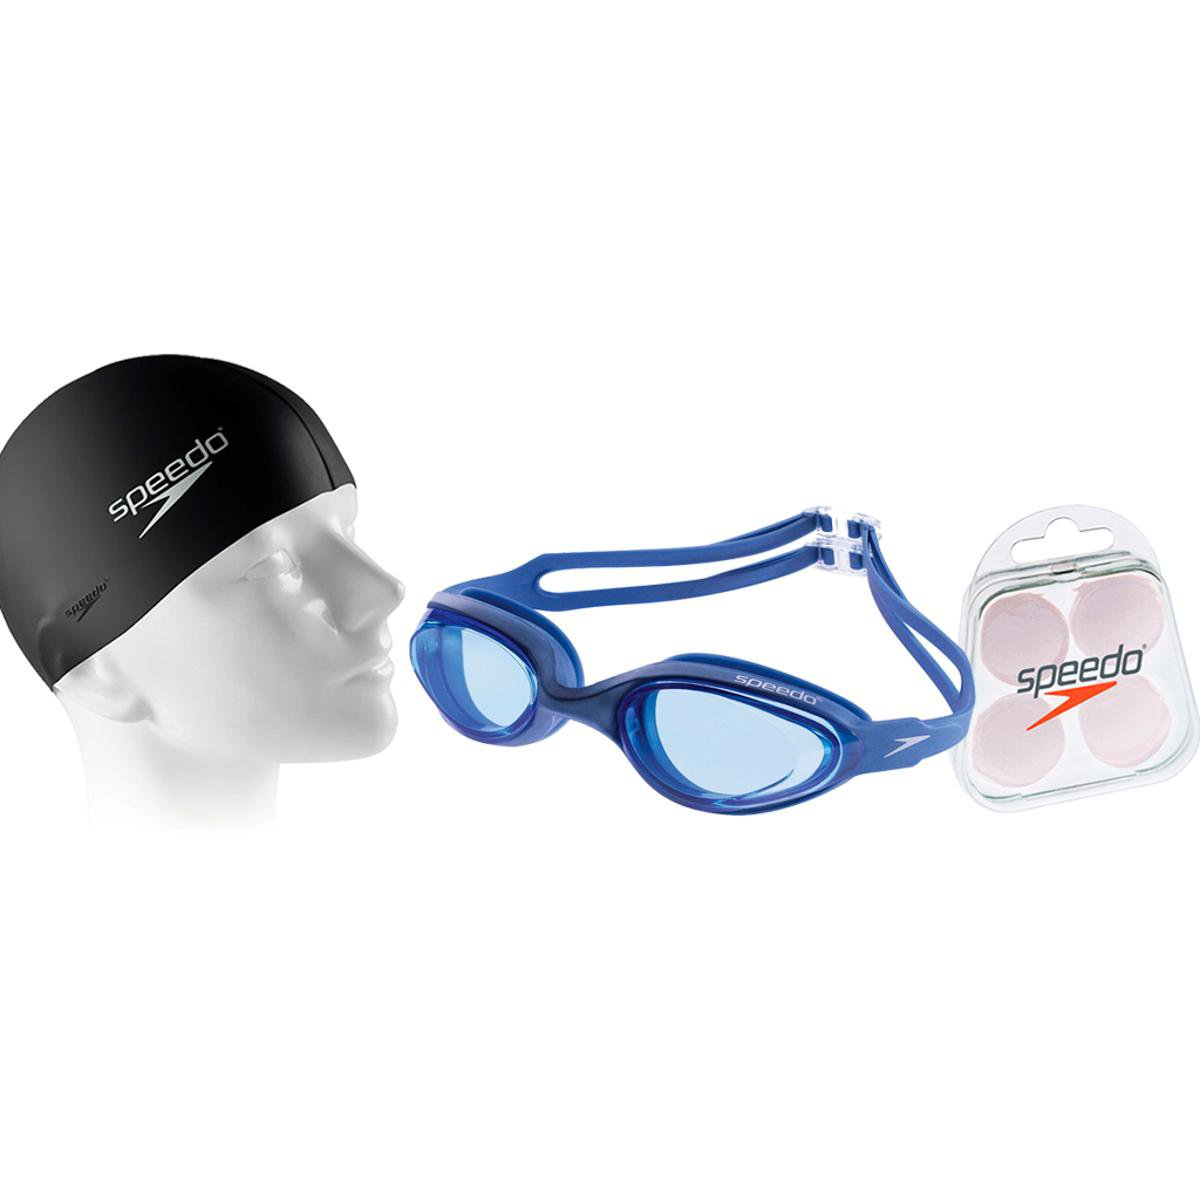 f535781cd Kit Natação com Óculos Speedo Hydrovision + Protetor + Touca - Compre Agora